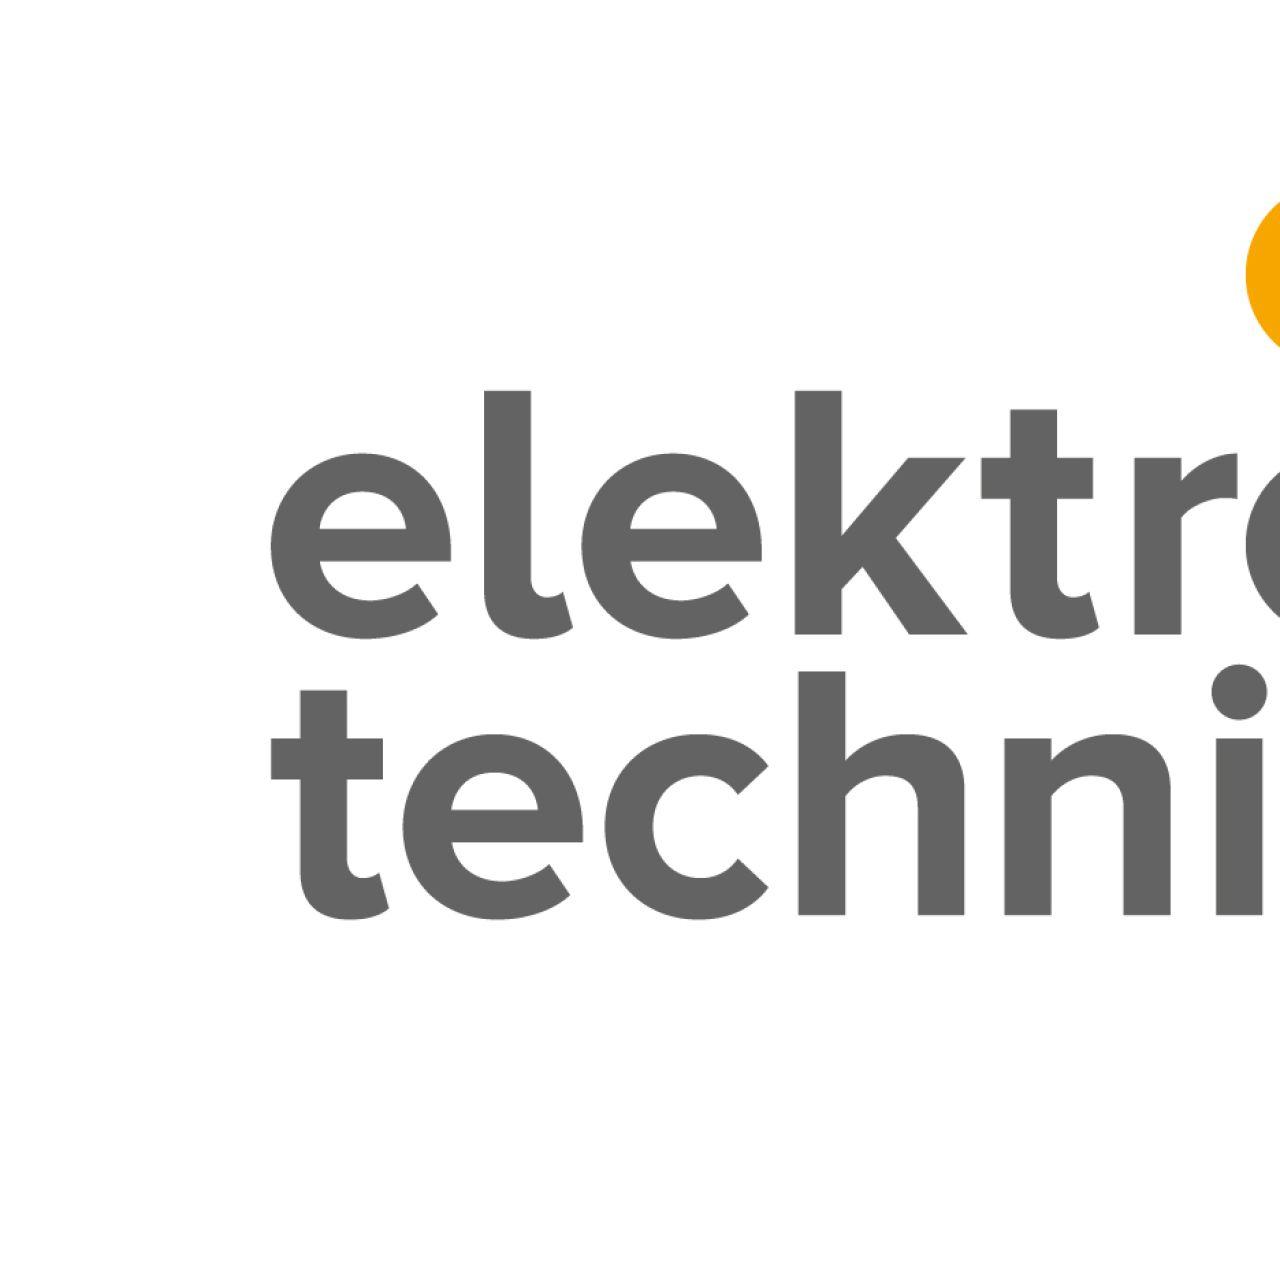 elektrotechnik: Dortmund, 17.02.-19.02.2021